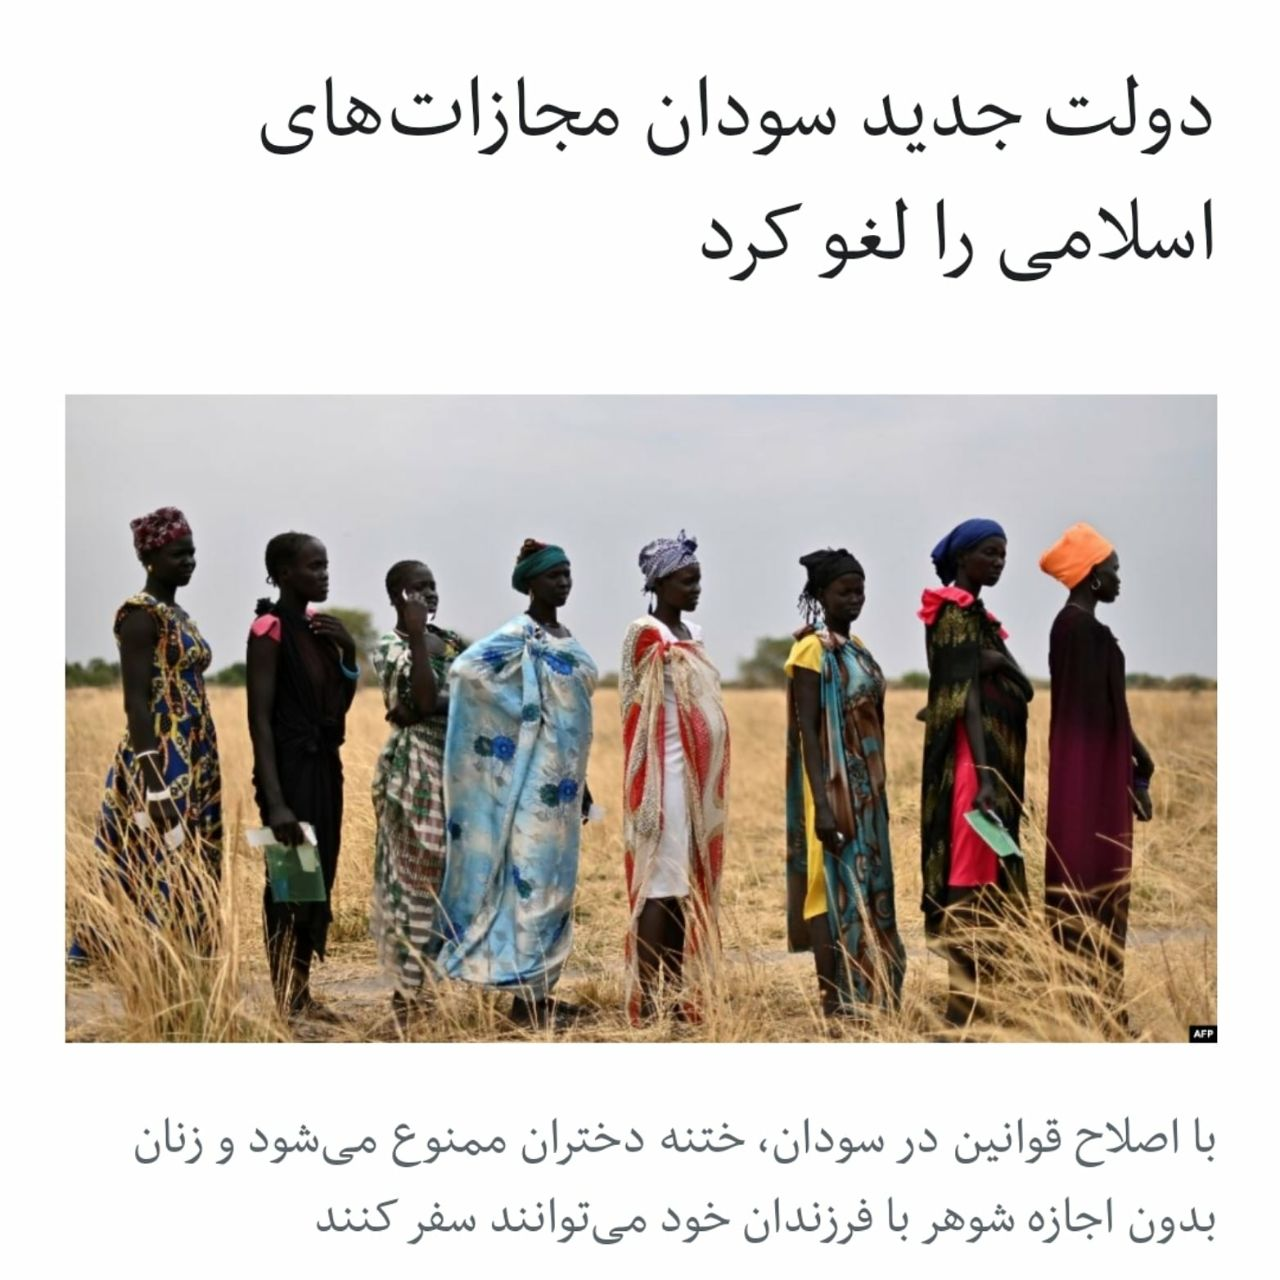 دولت سودان بعد از ۳۰ سال اجرای … 112005001594594805